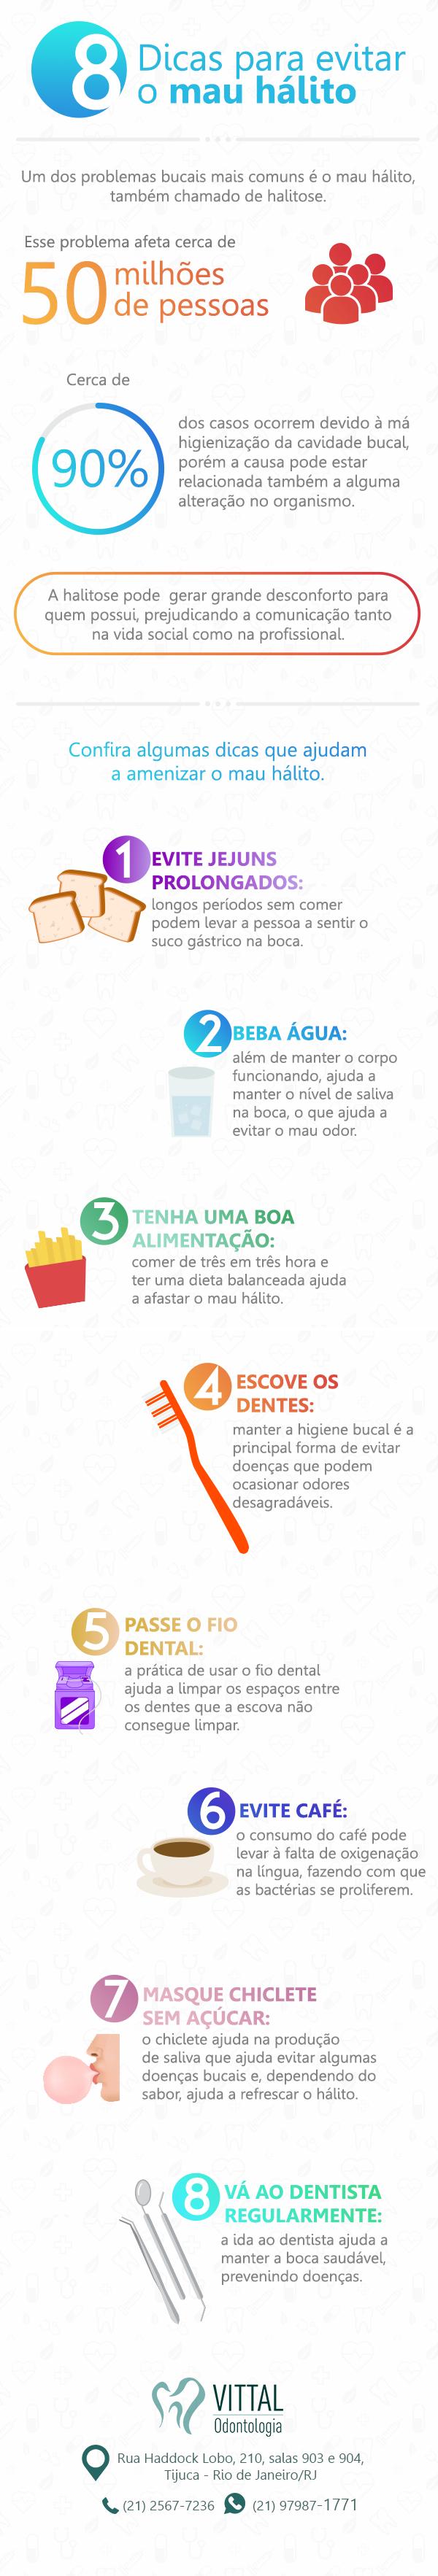 8 Dicas para evitar o mau hálito | Vittal Odontologia